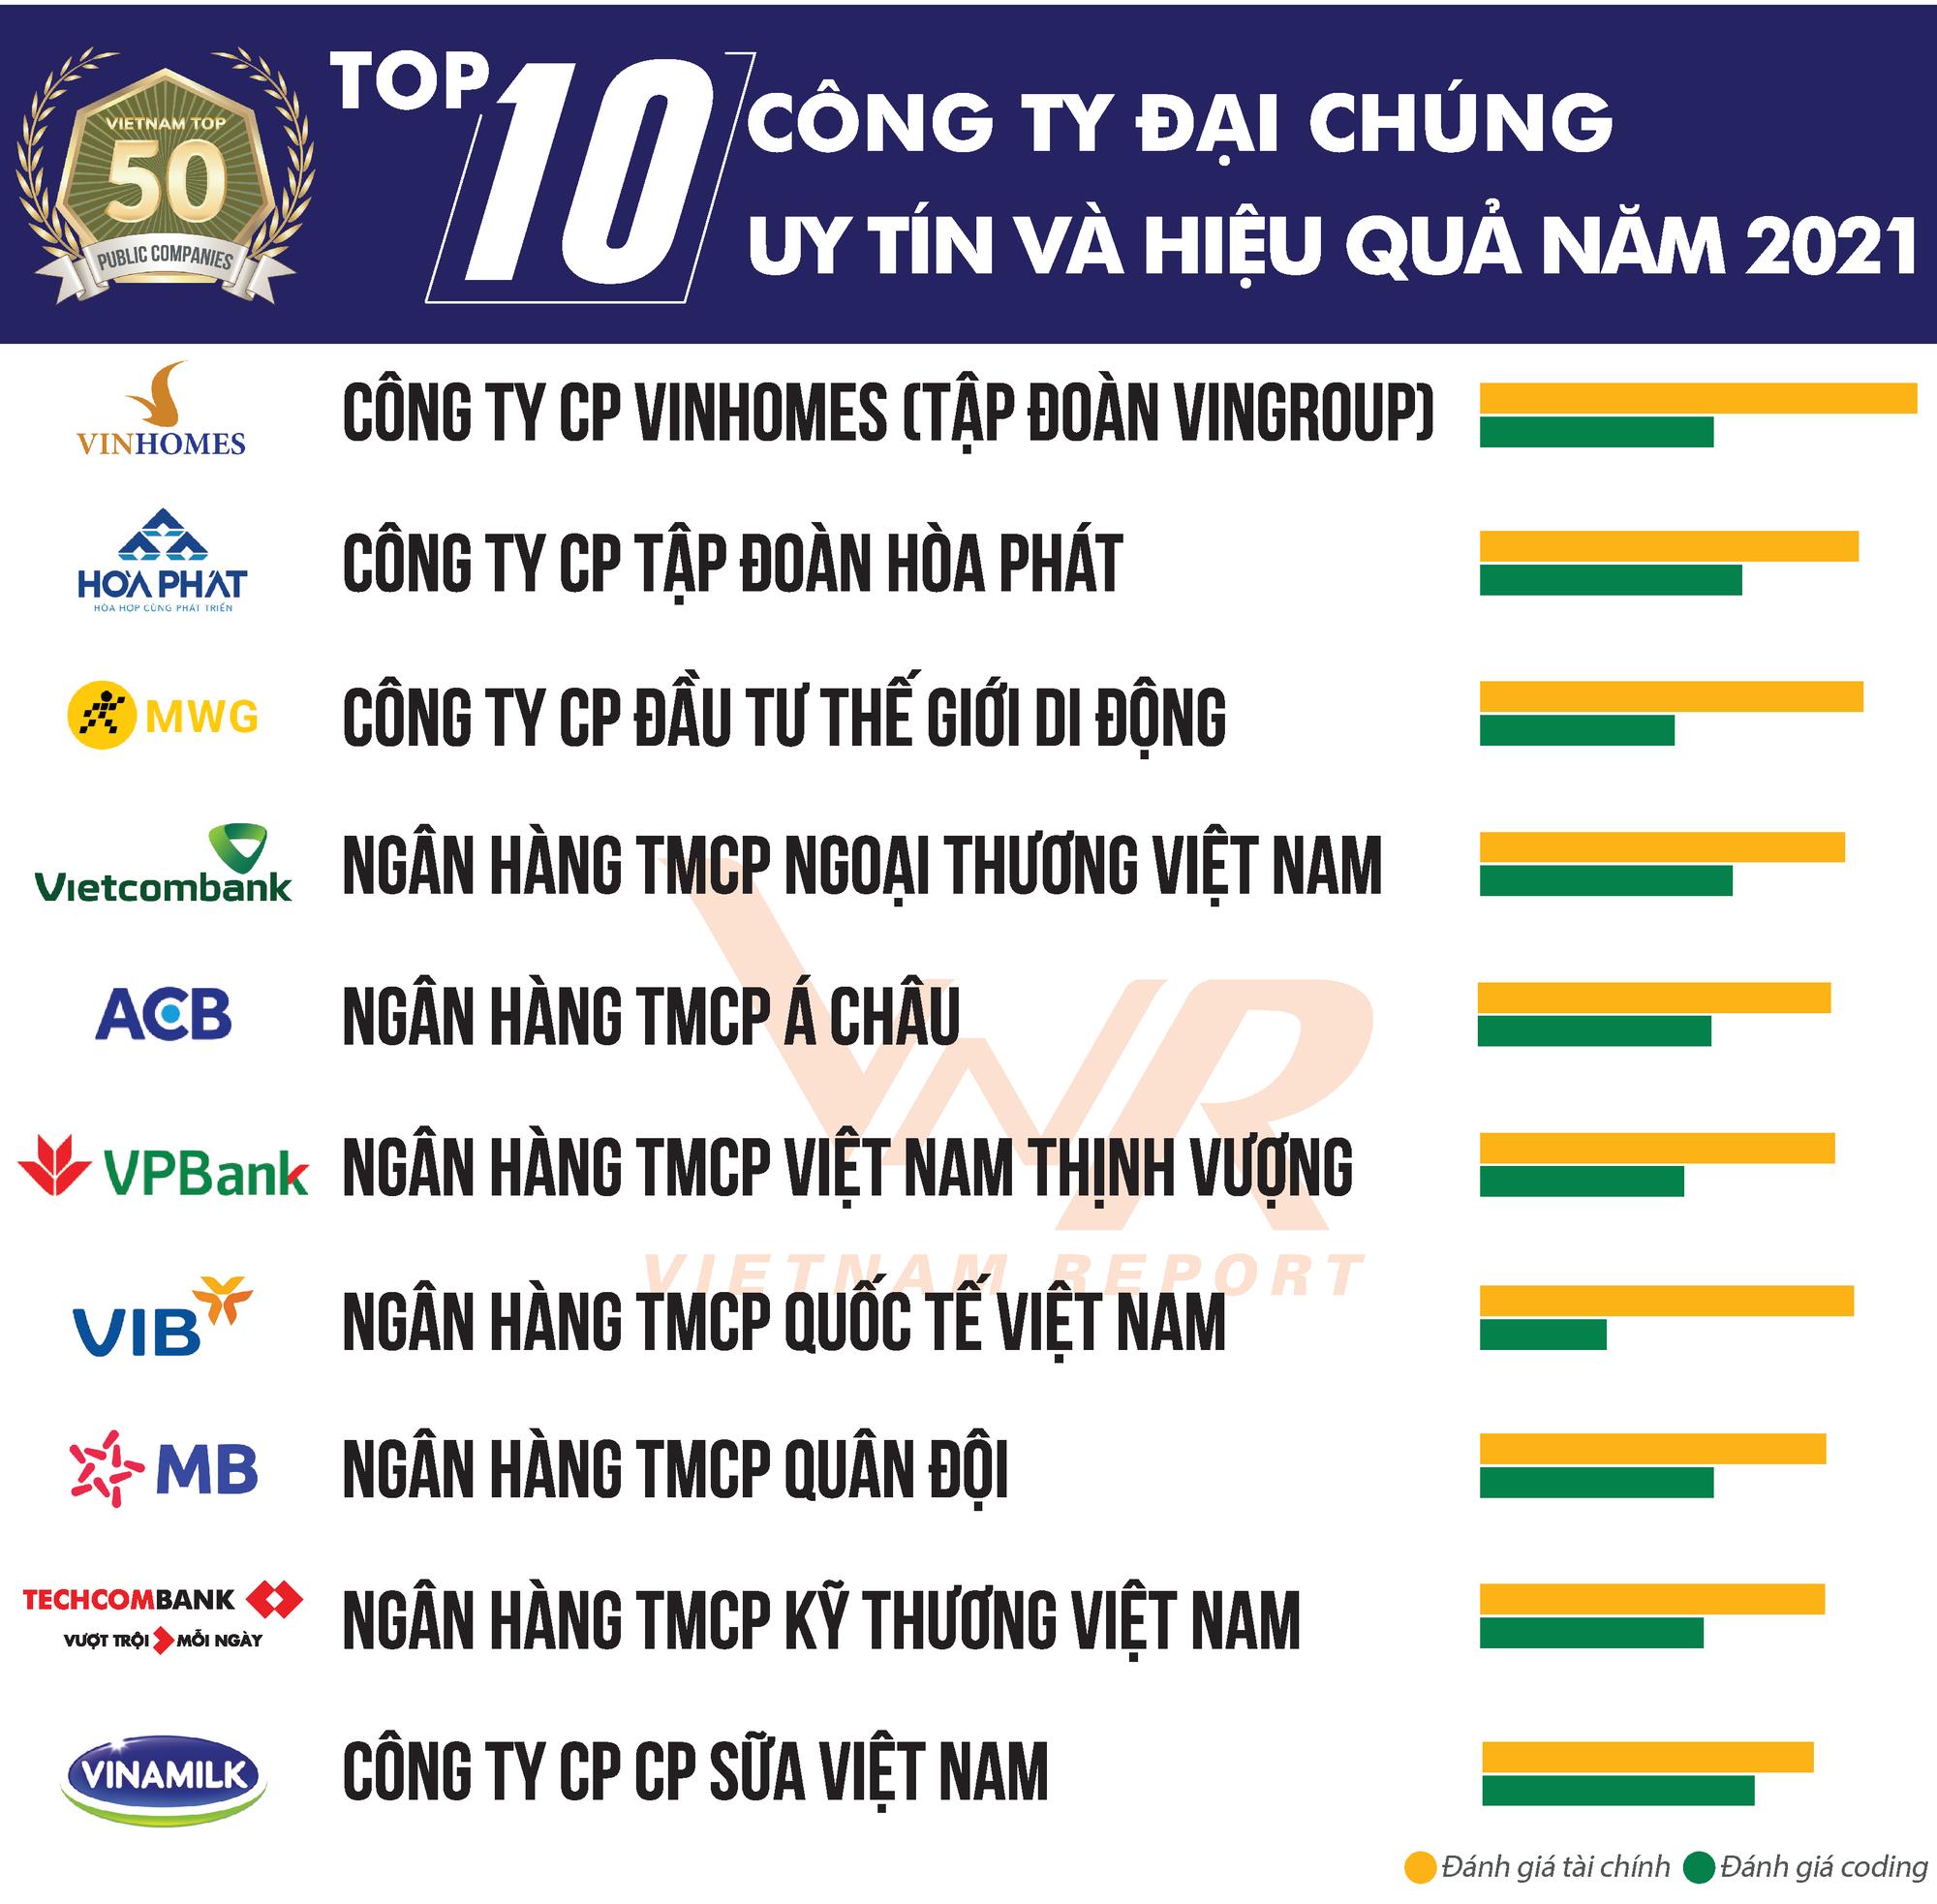 Nhóm ngân hàng lọt Top 10 công ty đại chúng uy tín và hiệu quả - Ảnh 1.